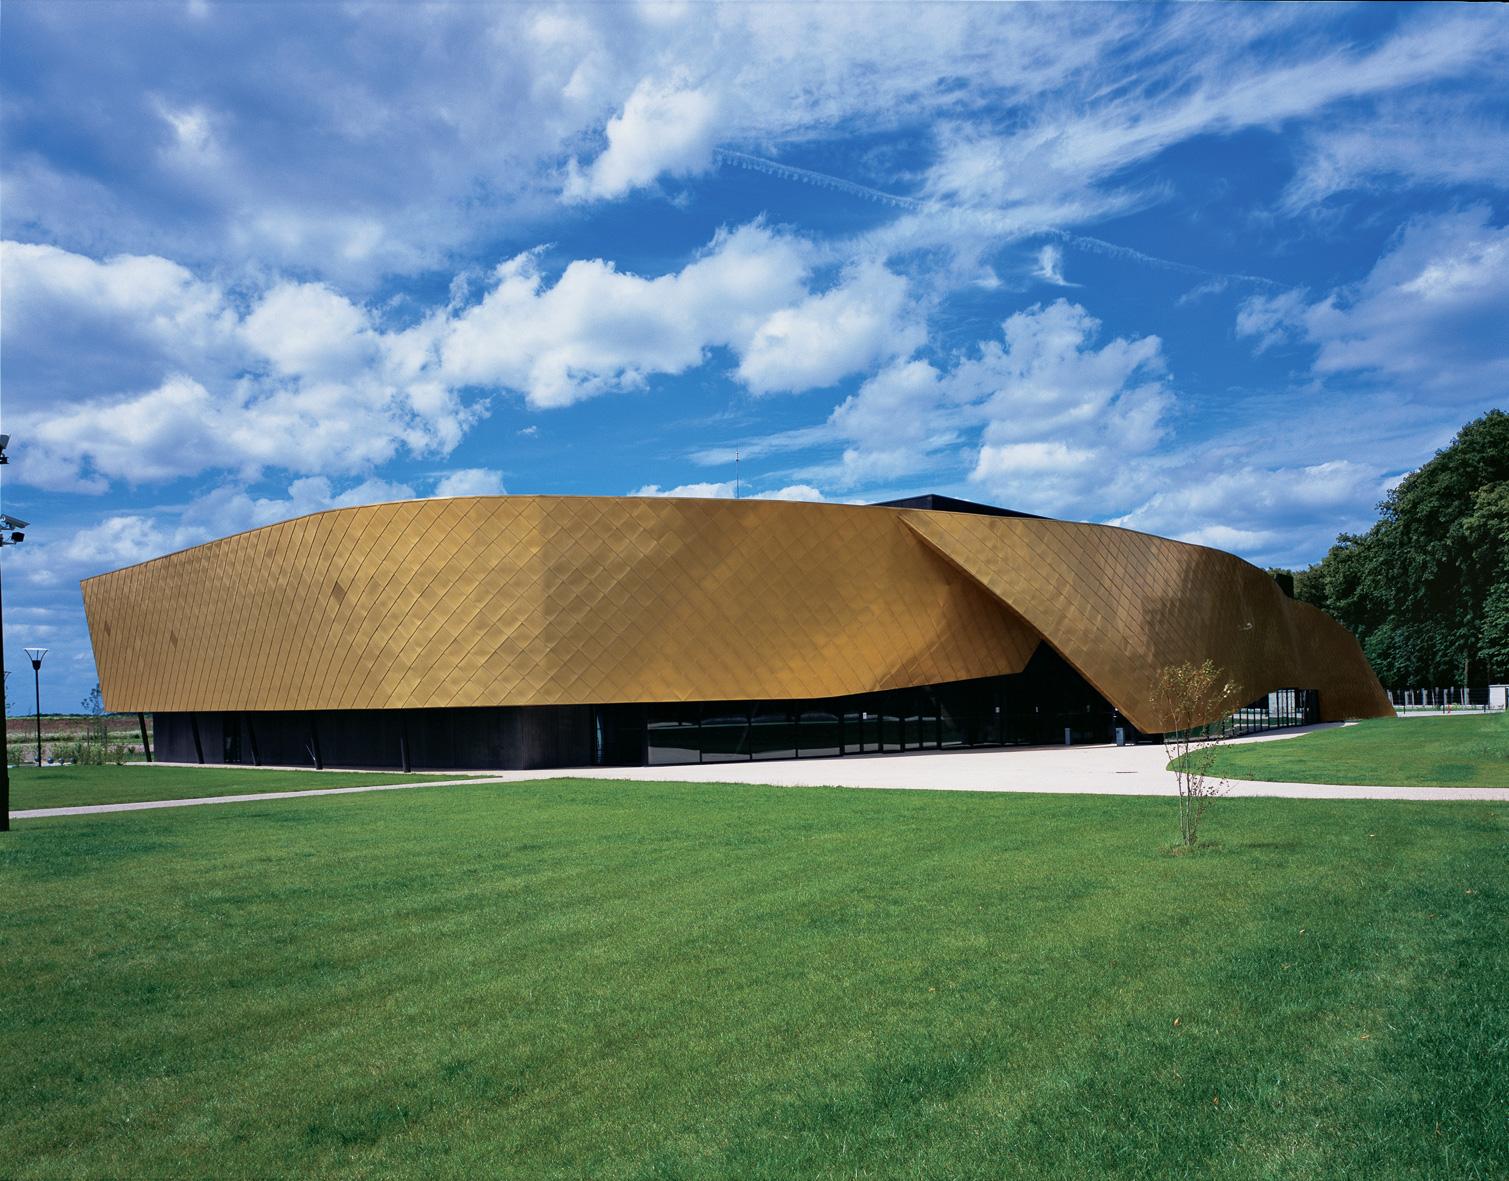 Auditorium Le Safran - Brie Comte Robert, France Semon-Rapaport Architects